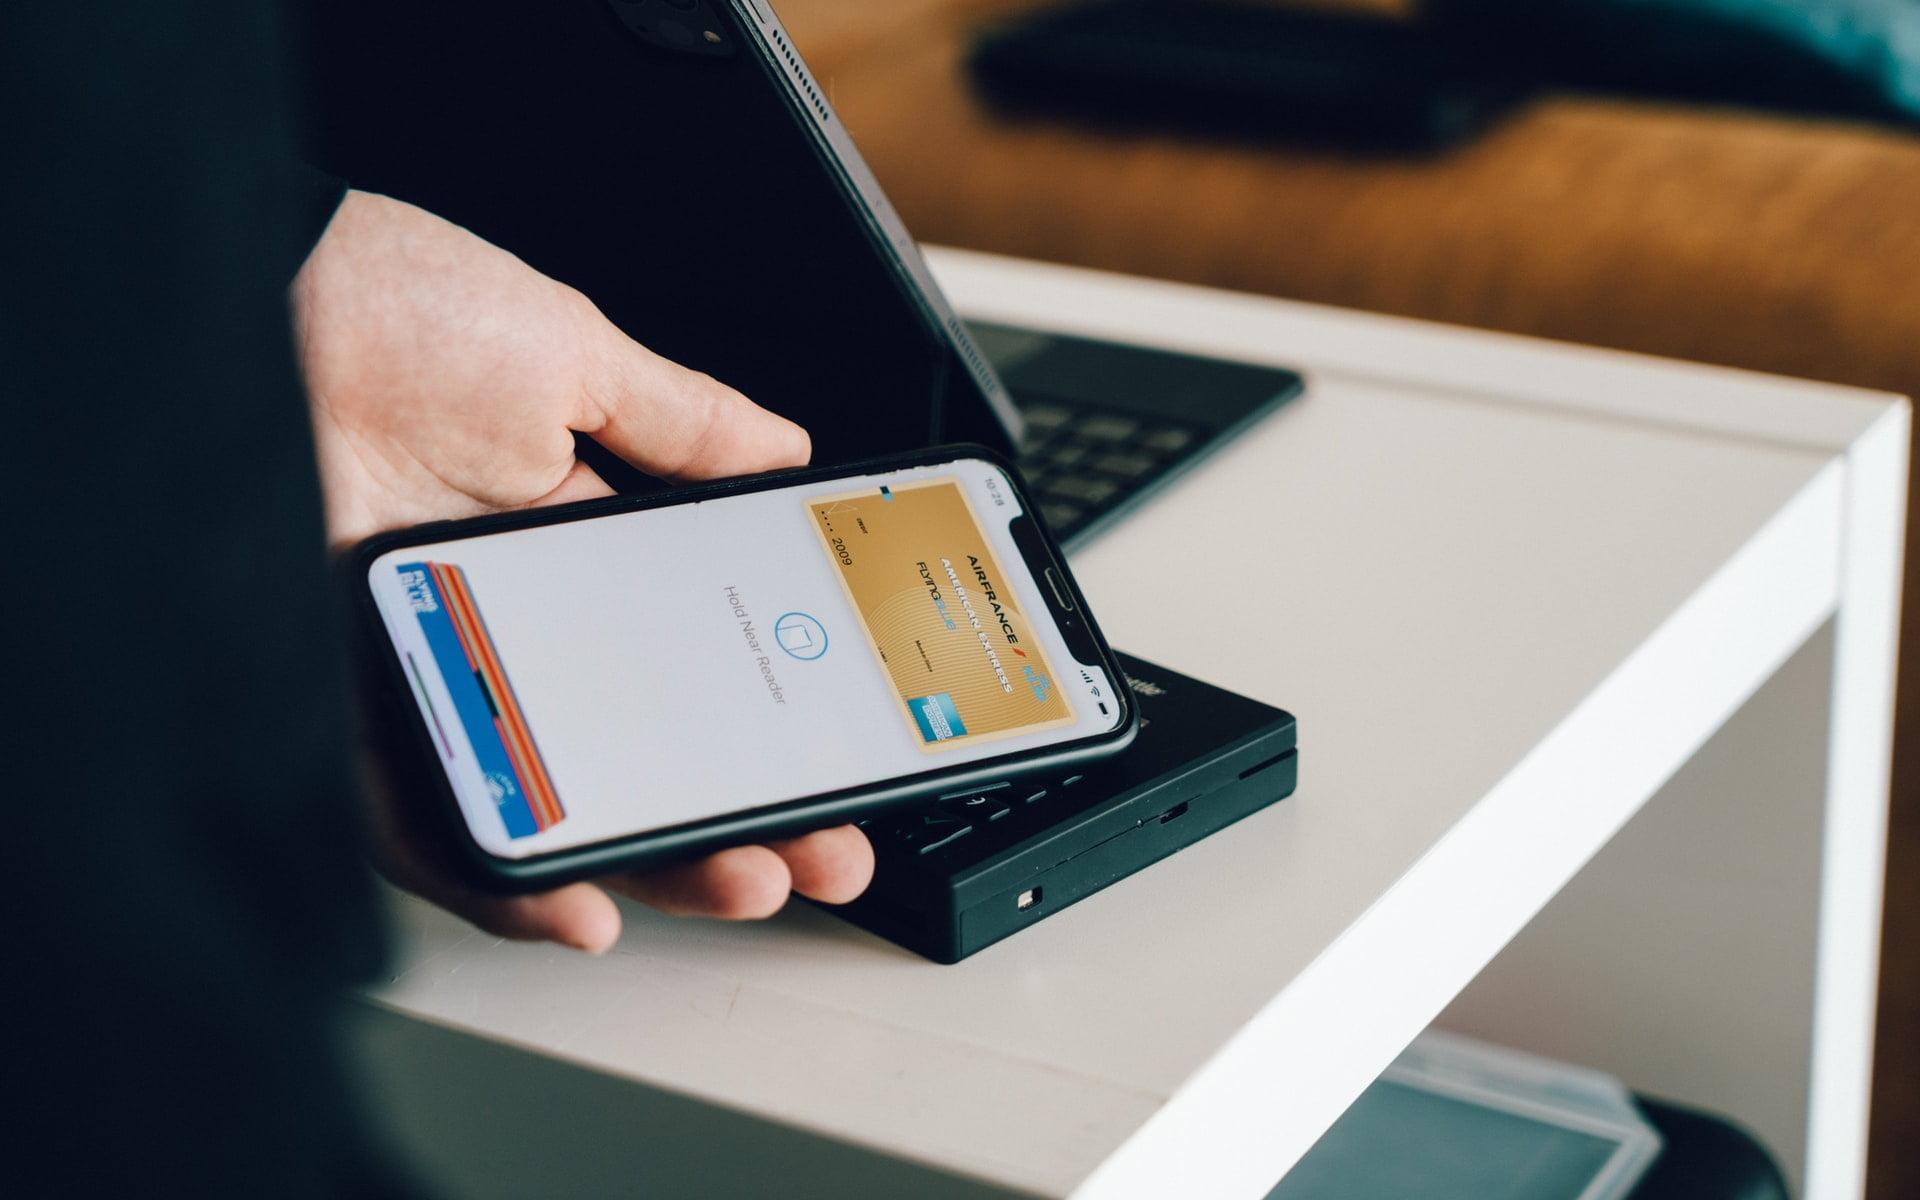 Mobilne kasy samoobsługowe – jak wynalazek Polaków zwiększył bezpieczeństwo podczas zakupów?